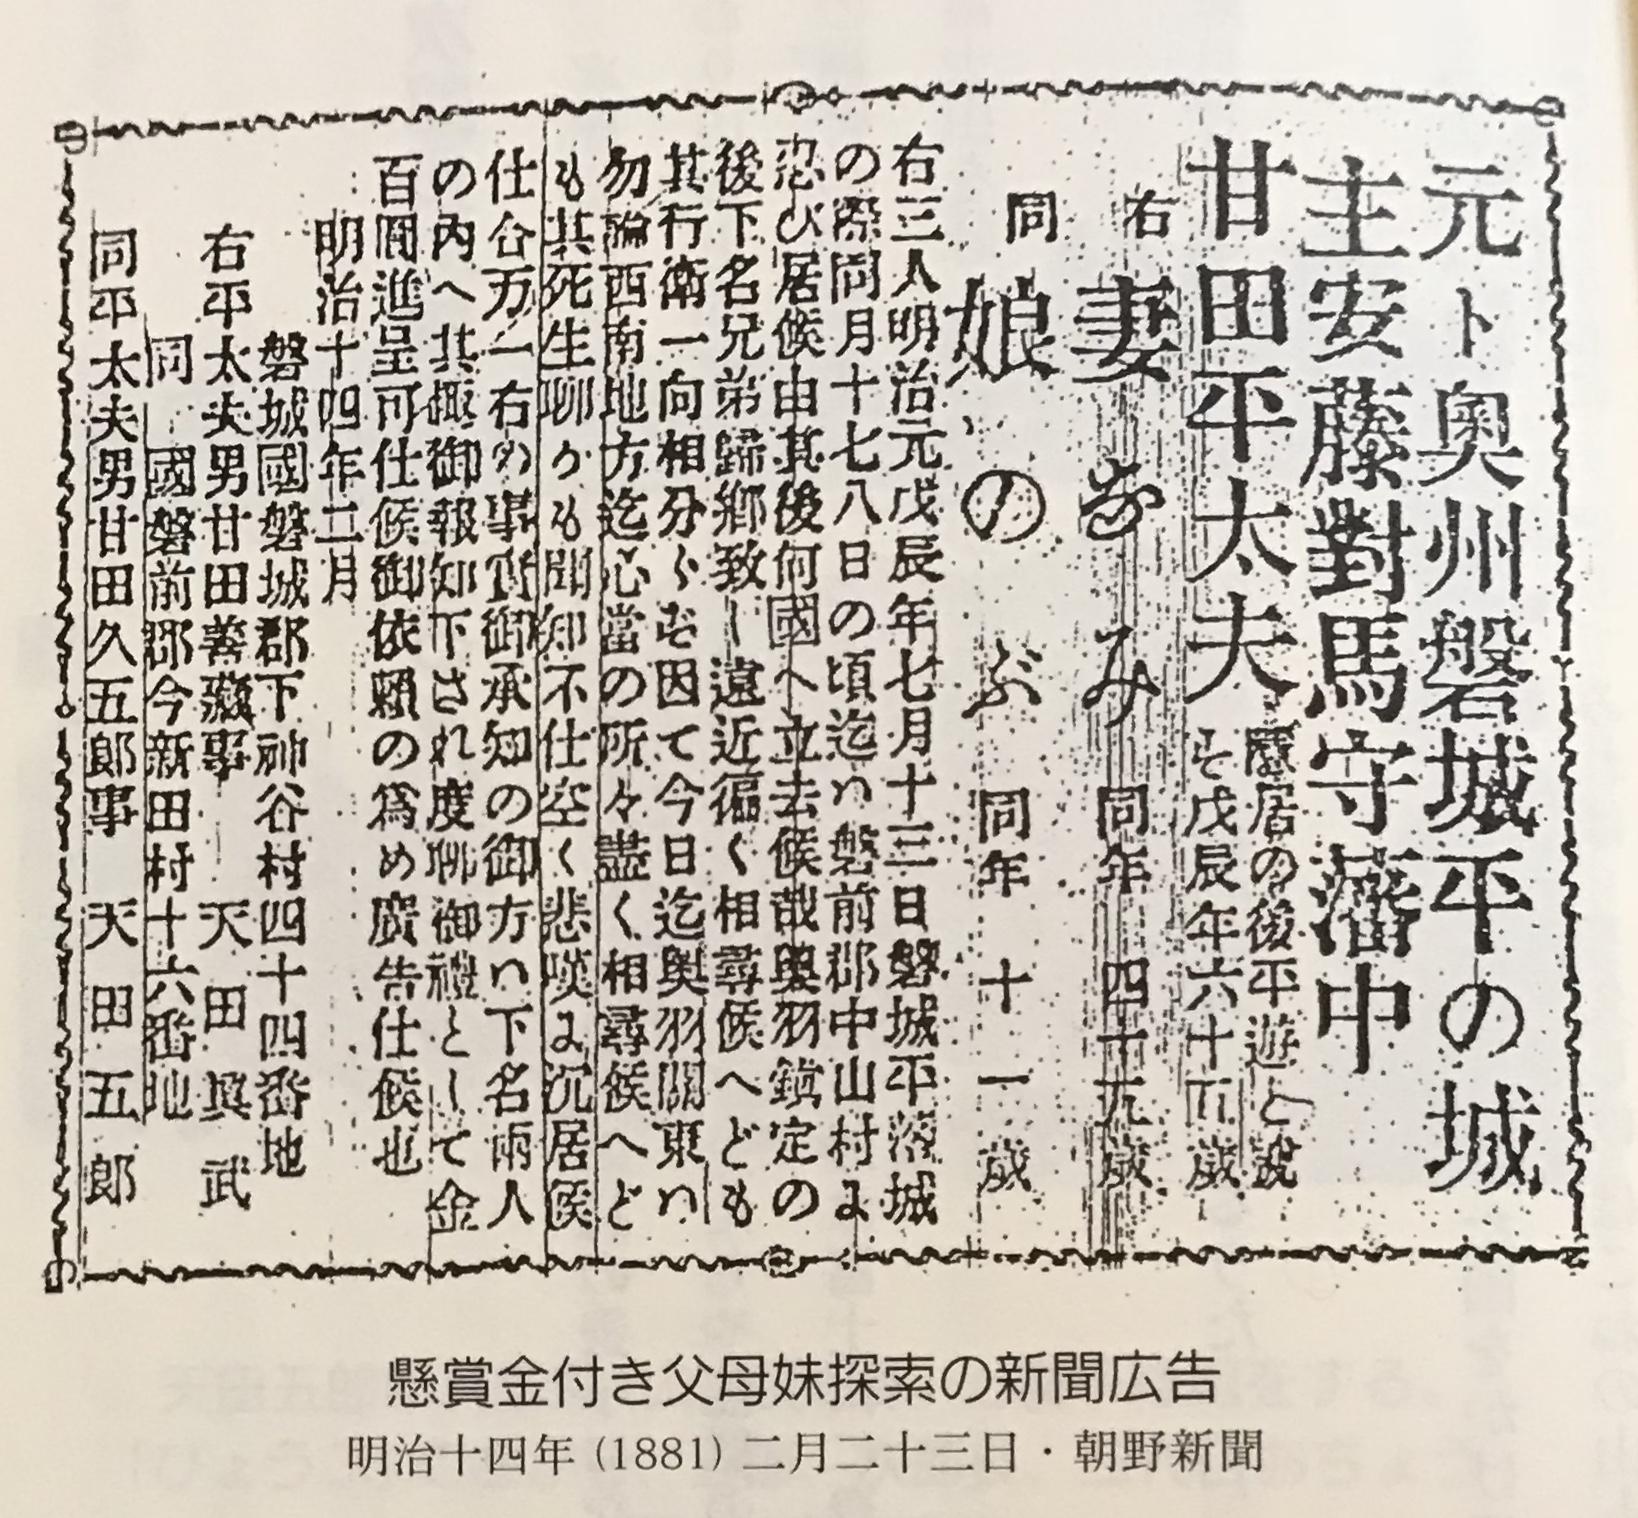 【連載】『次郎長と鉄舟から愛された男』 第5回